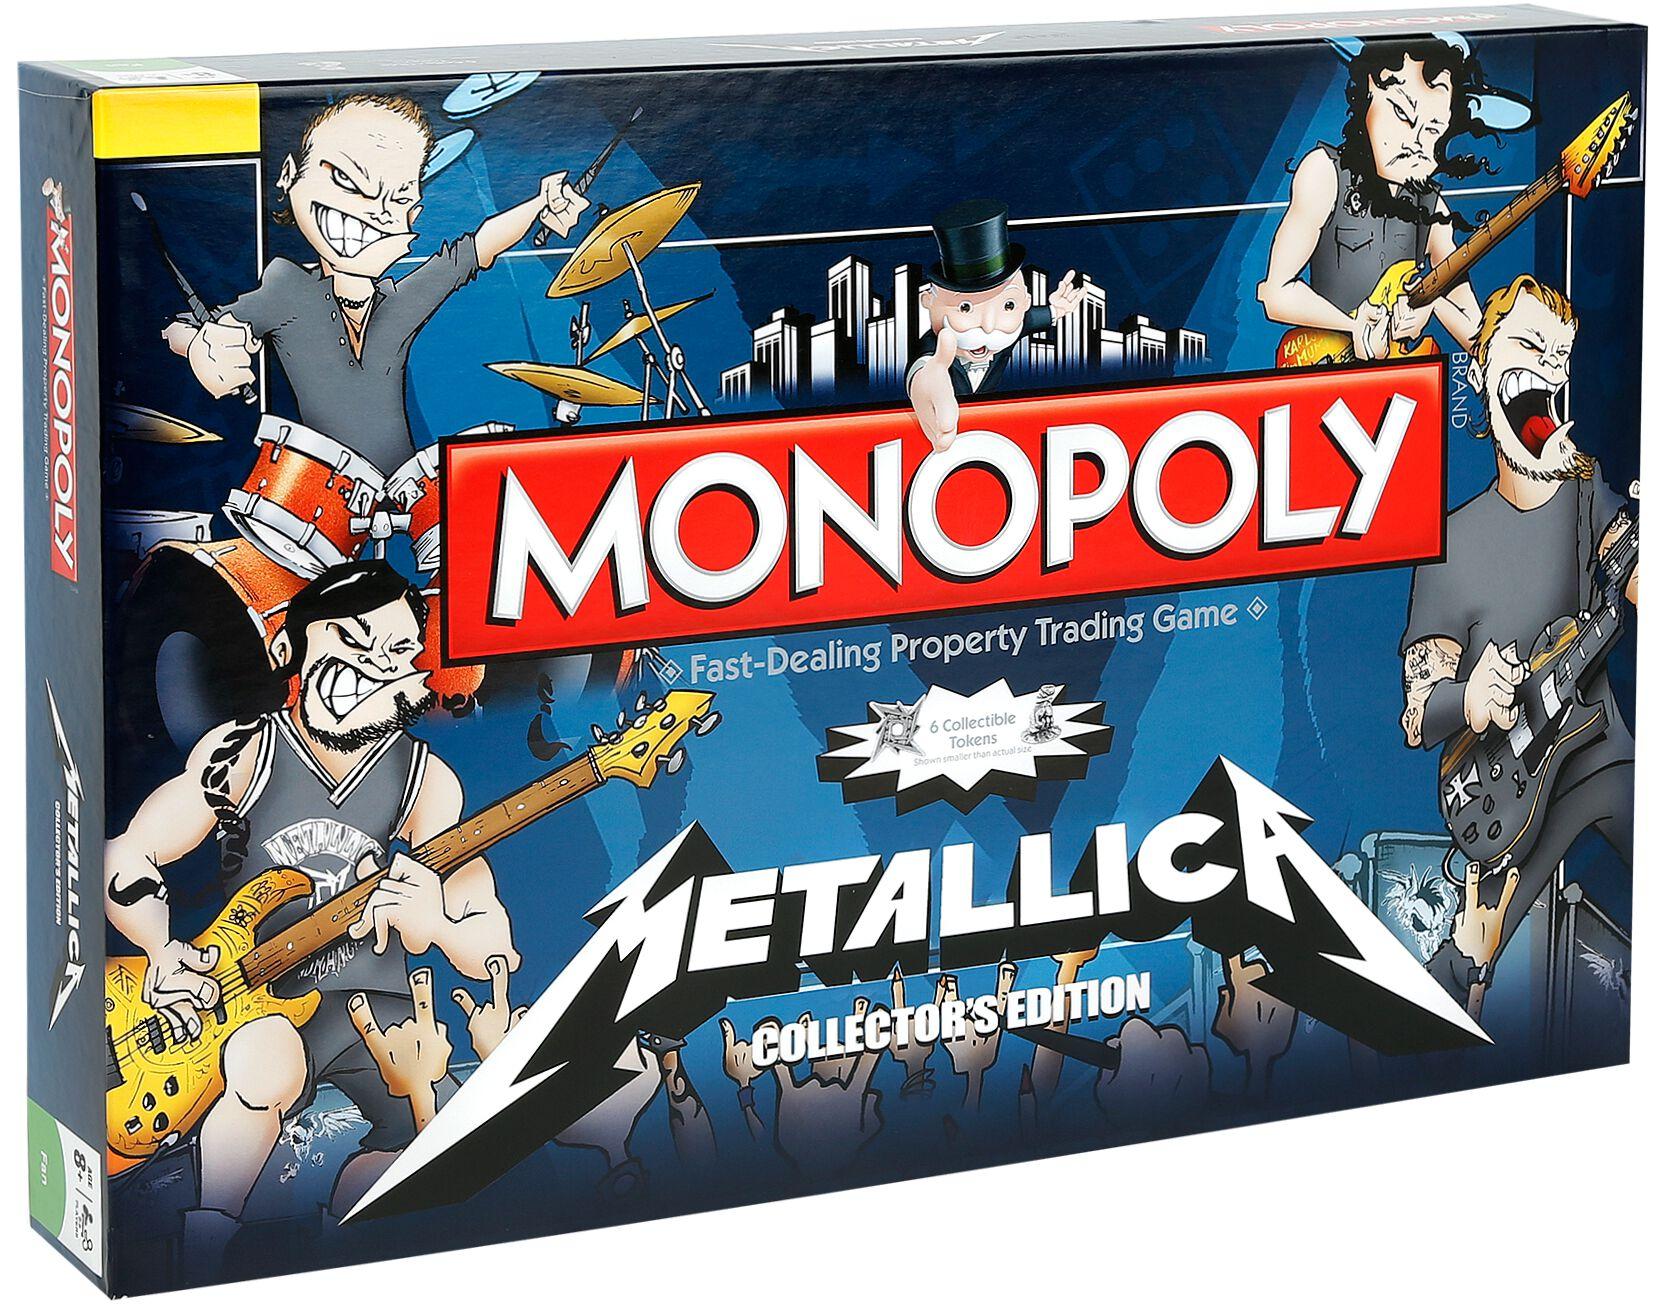 Metallica Monopoly - None - Standard